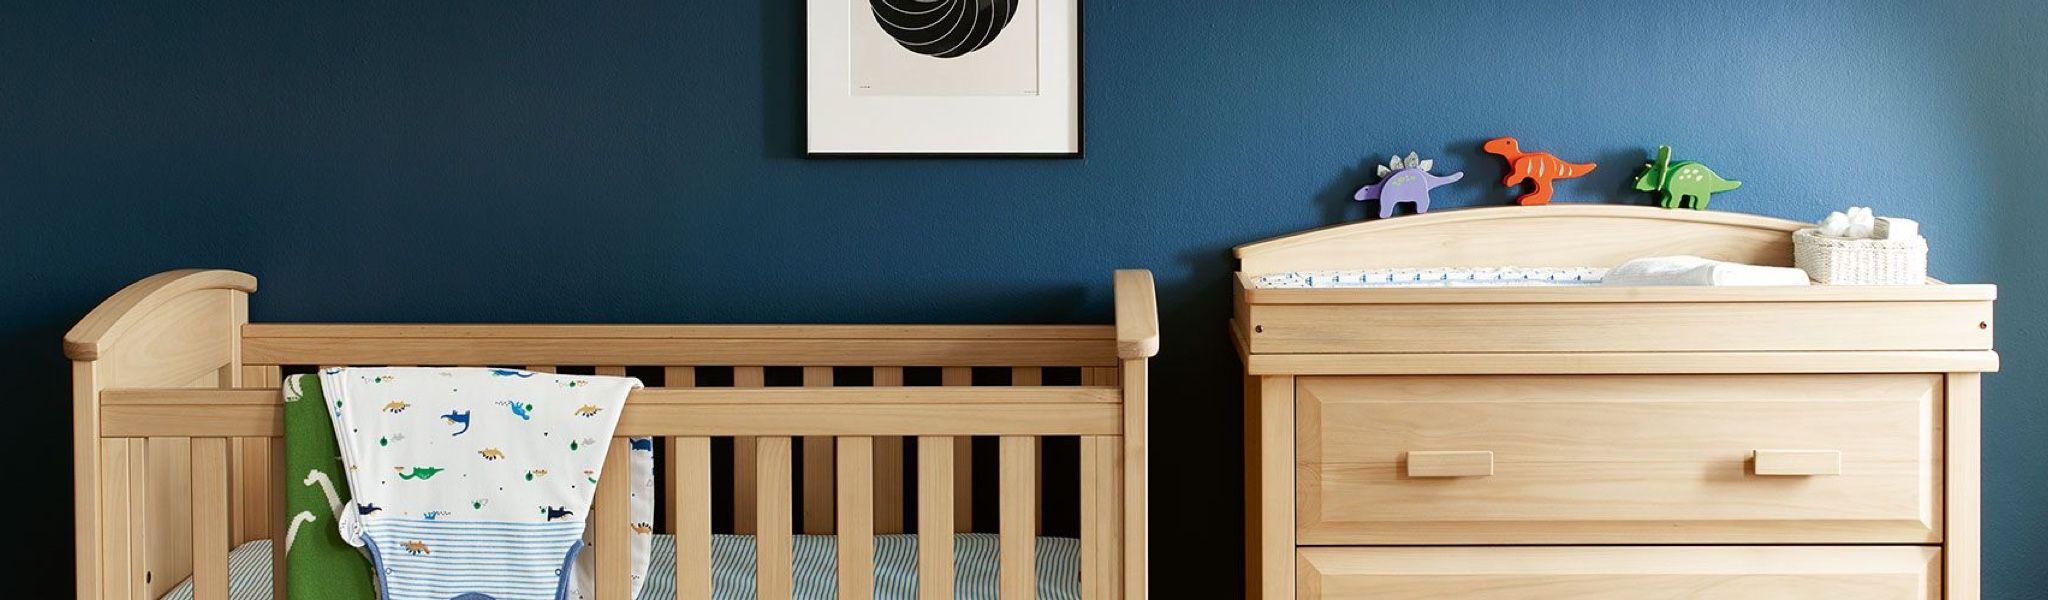 Nursery Essentials